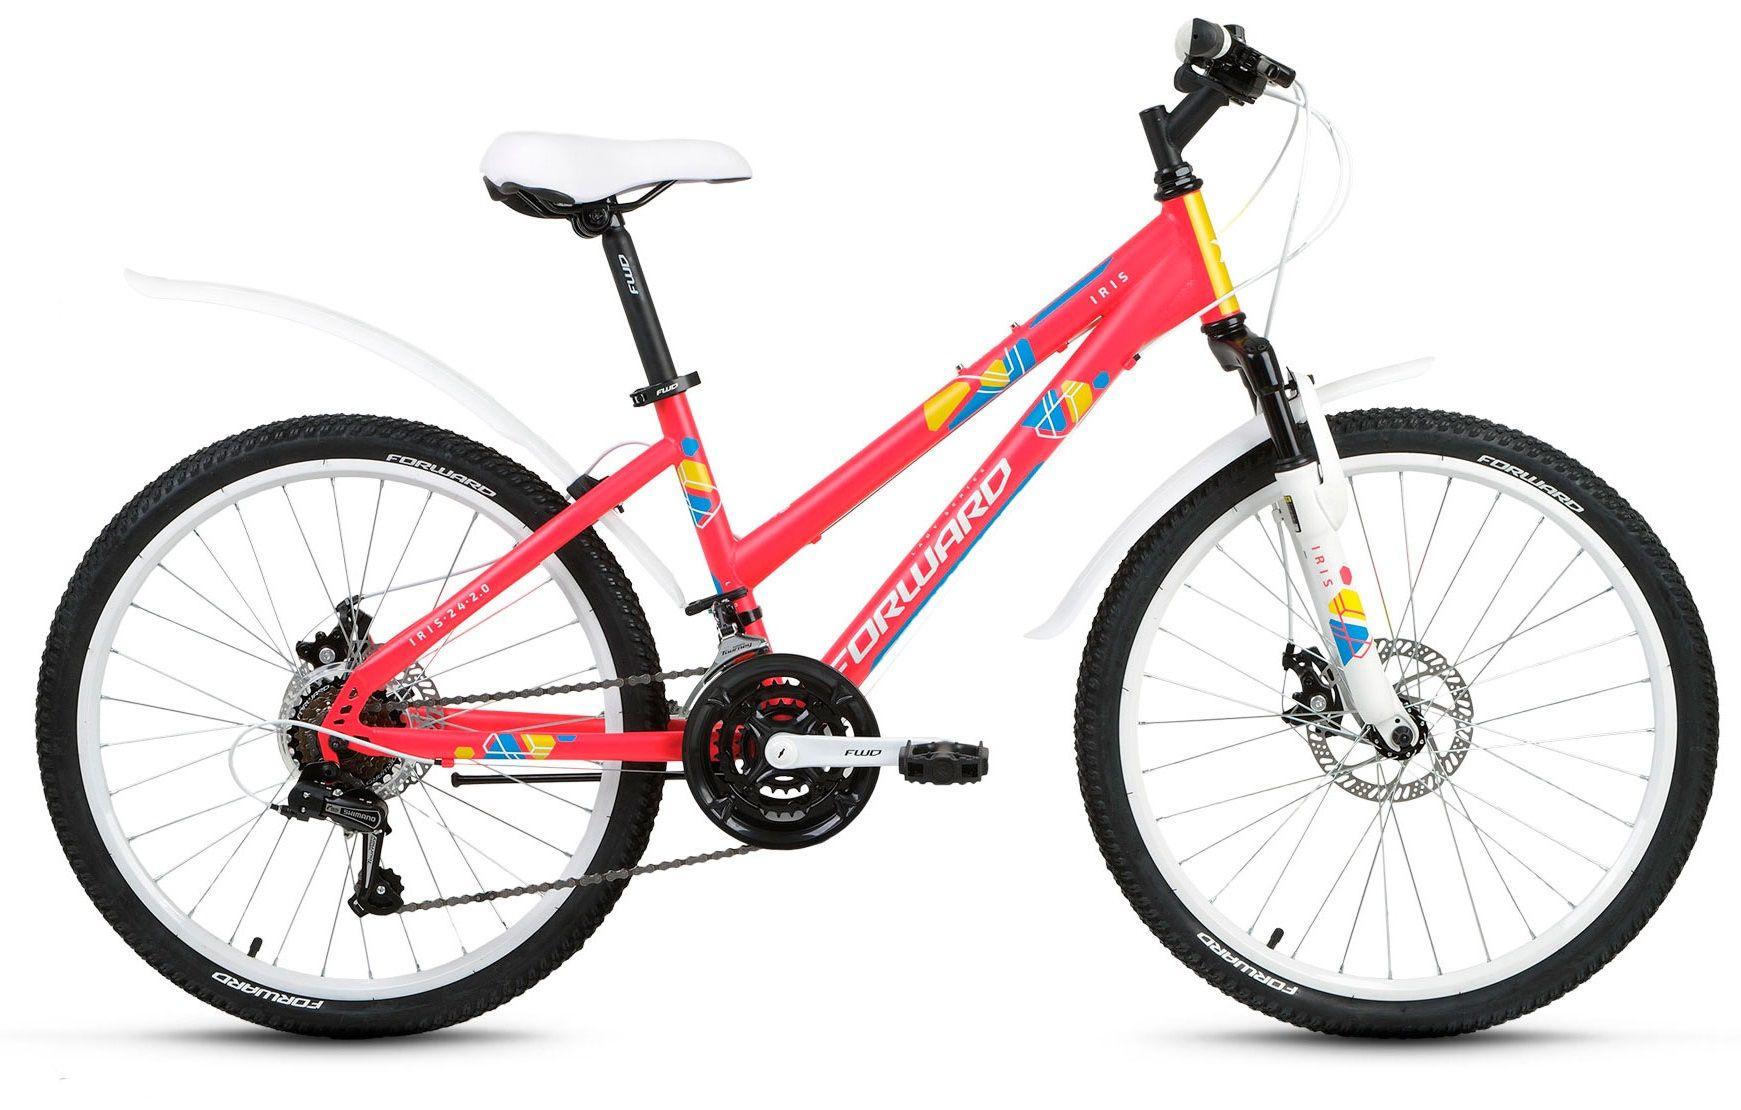 Велосипед Forward Iris 24 2.0 disc 2018 велосипед forward sporting 2 0 29 disc 2018